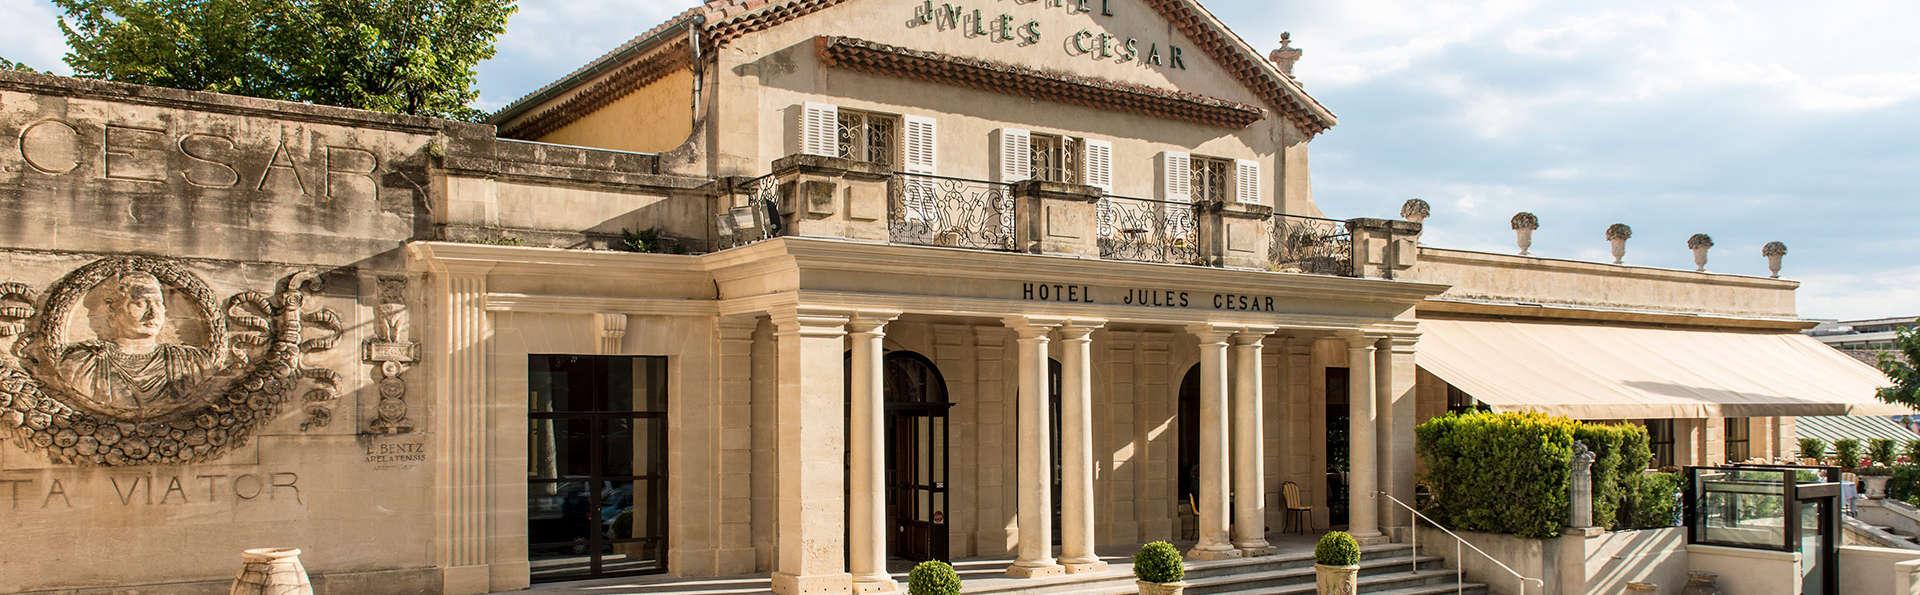 Week-end dans un hôtel design au coeur d'Arles